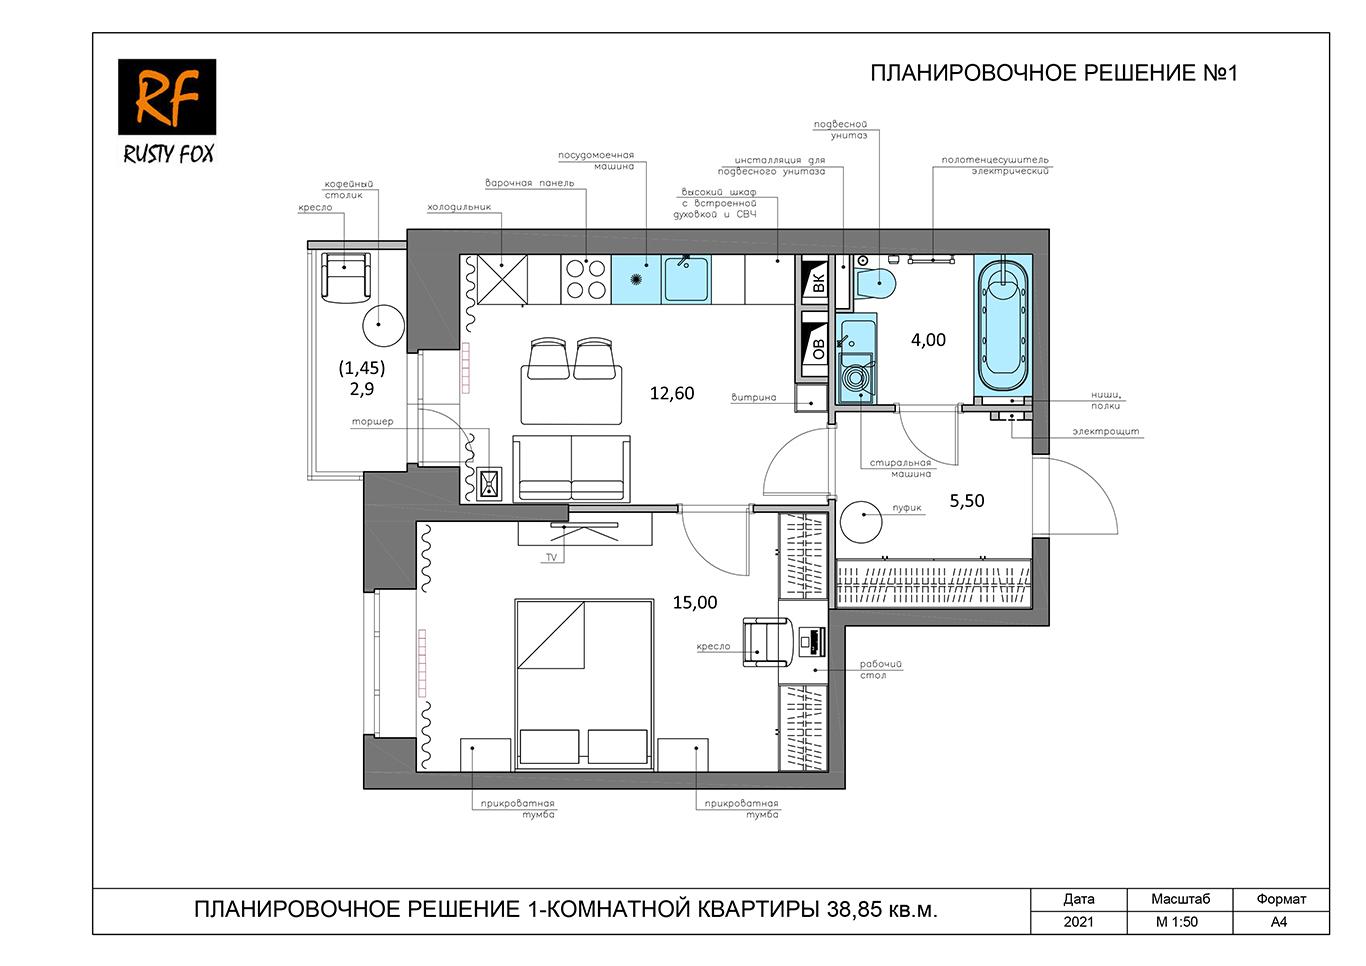 ЖК Люберцы корпус 54. 1-комнатная квартира левая 38,85 кв.м. Планировочное решение №1.